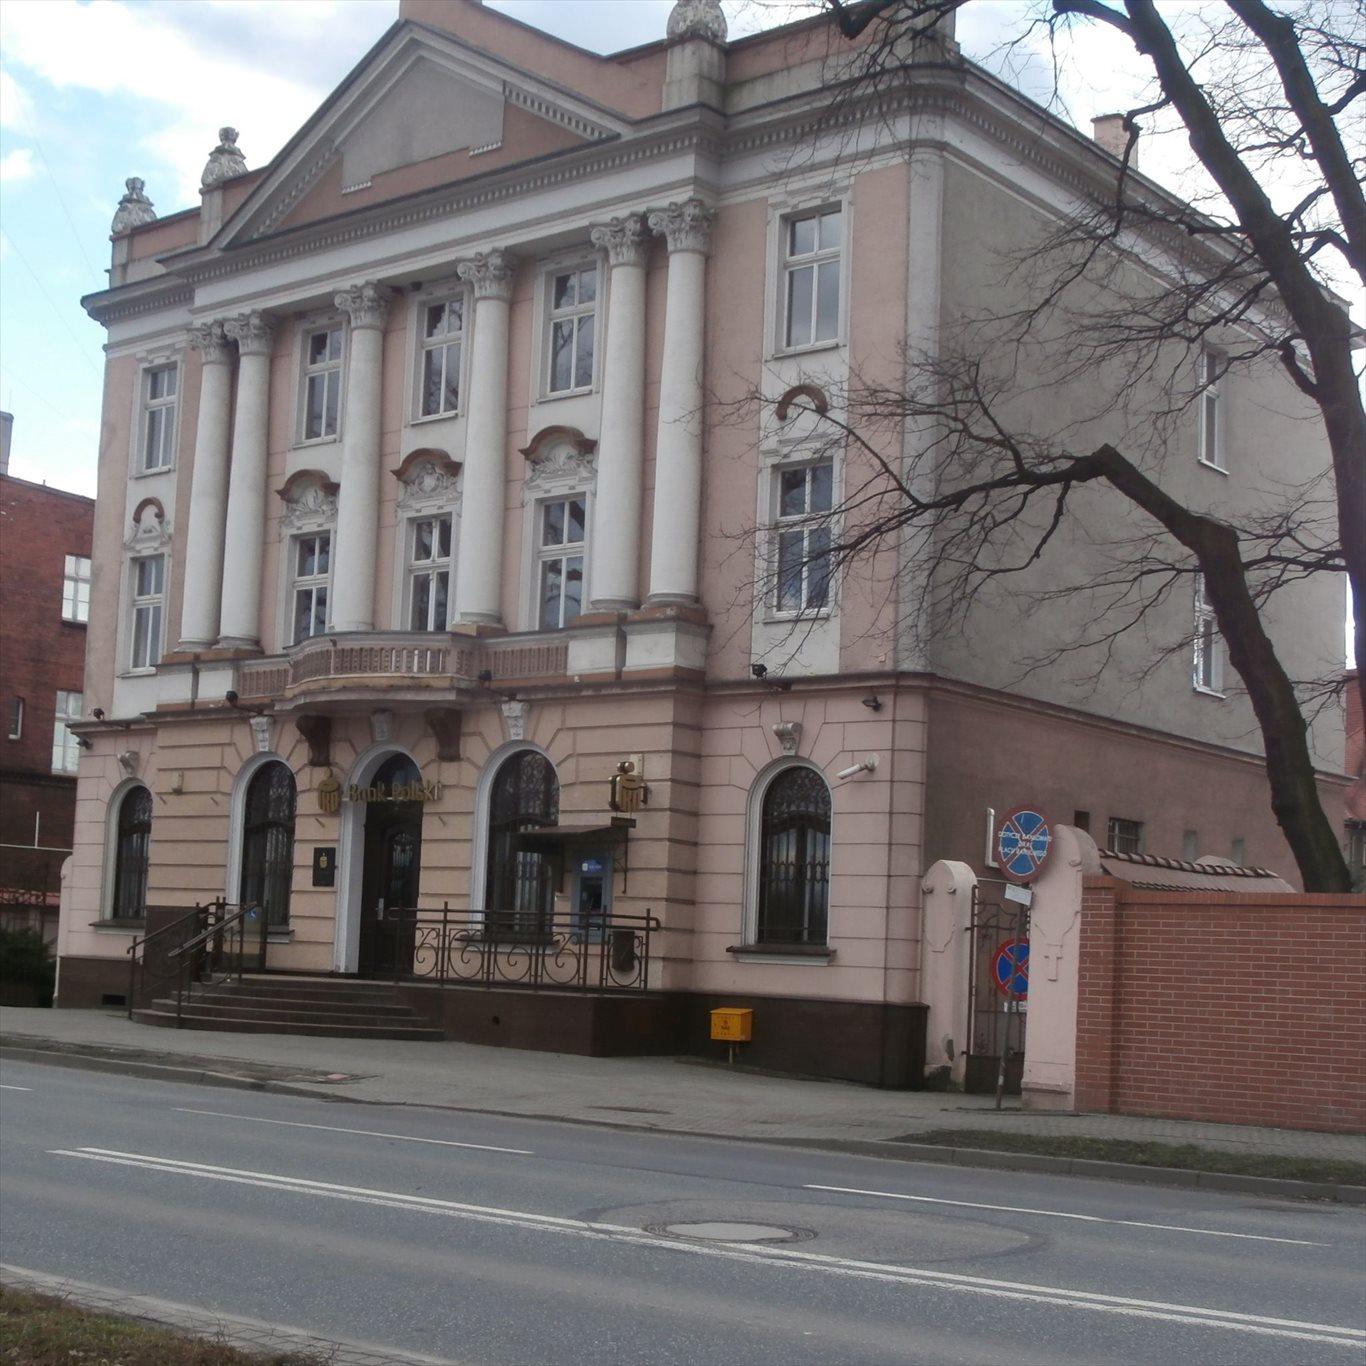 Lokal użytkowy na sprzedaż Kędzierzyn-Koźle, Ignacego Łukasiewicza  847m2 Foto 3